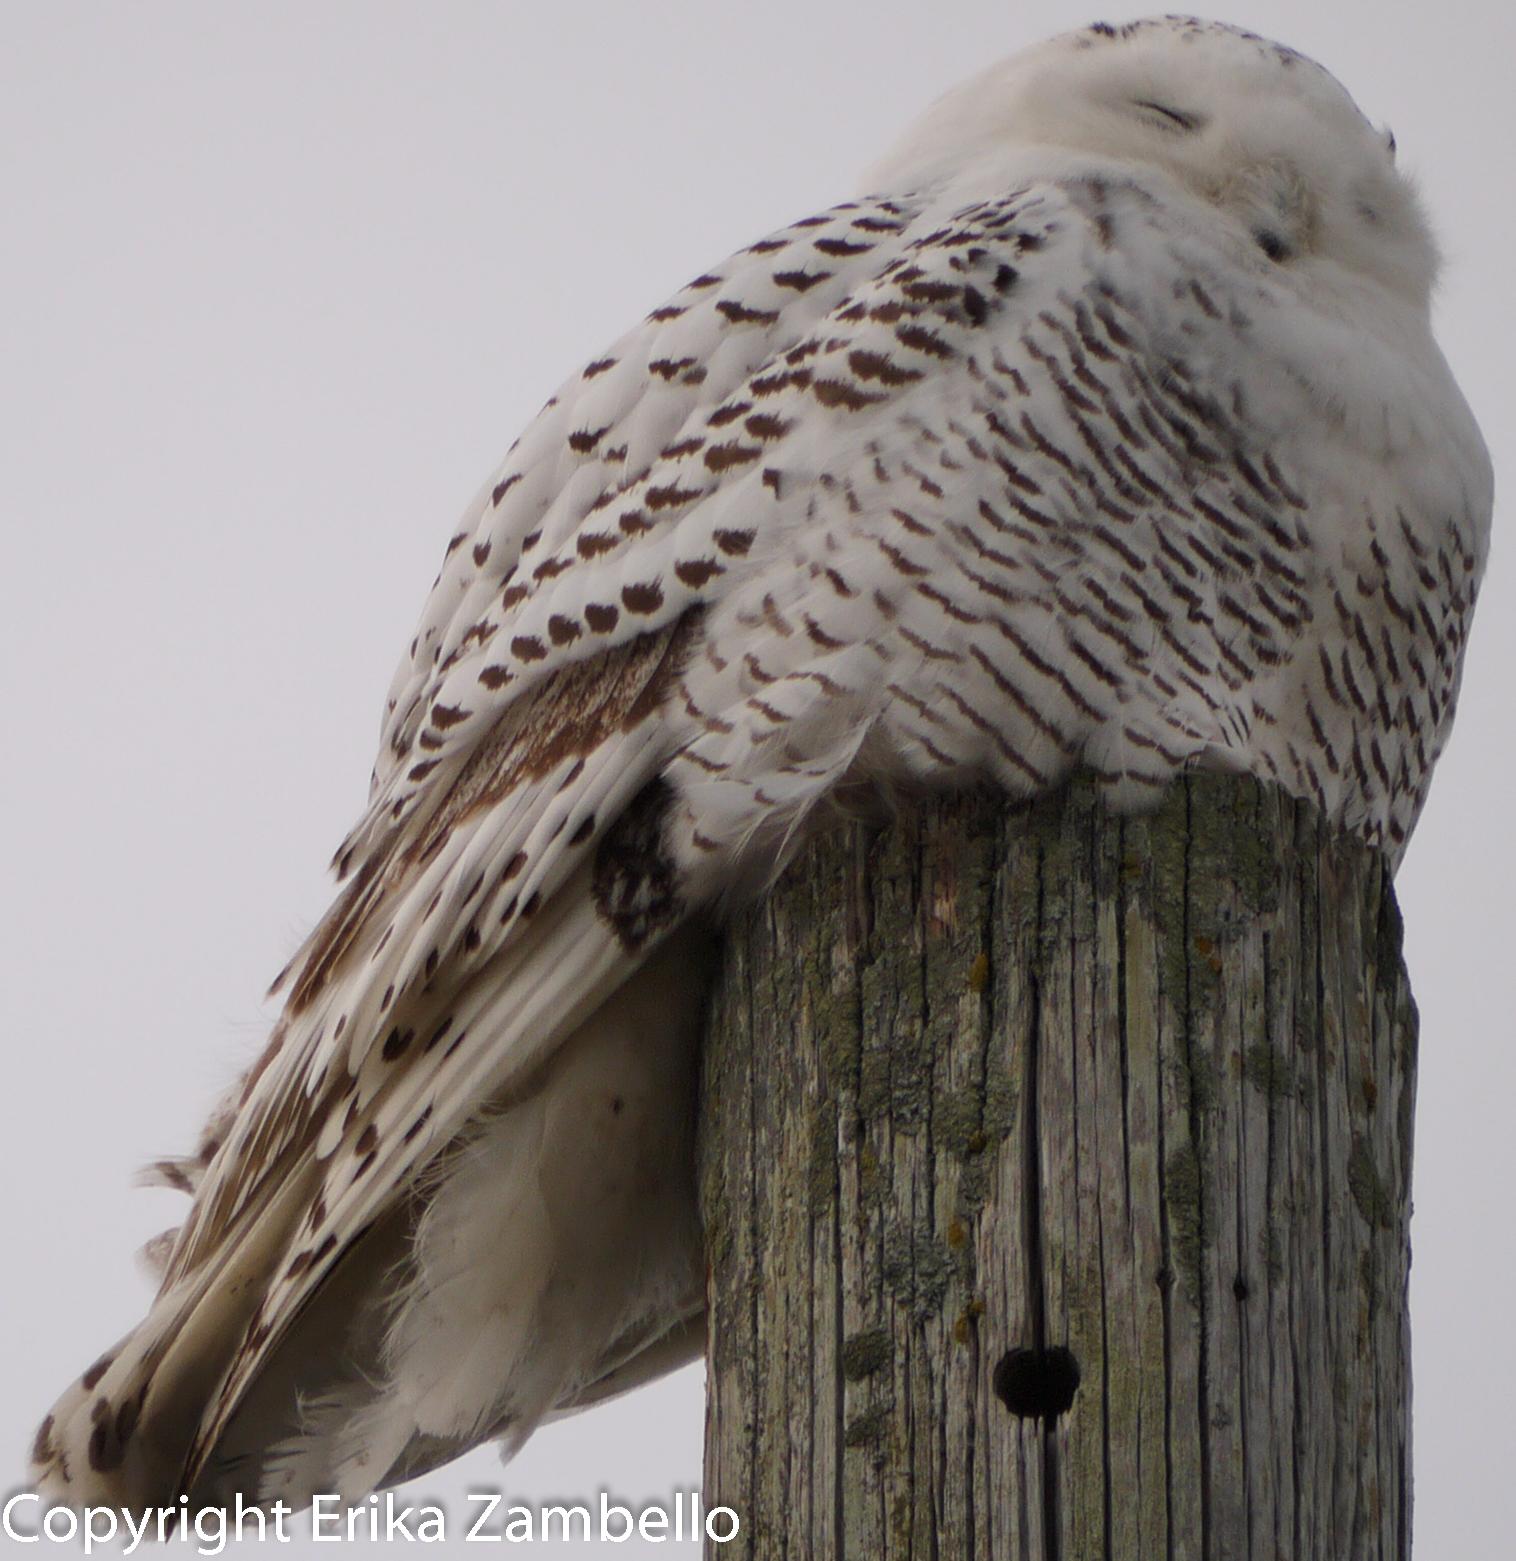 snowy owl, owl, coastline, ocean, maine, winter, holidays, birding, birds, birdwatching, wildlife, landscape, vista, view. nature